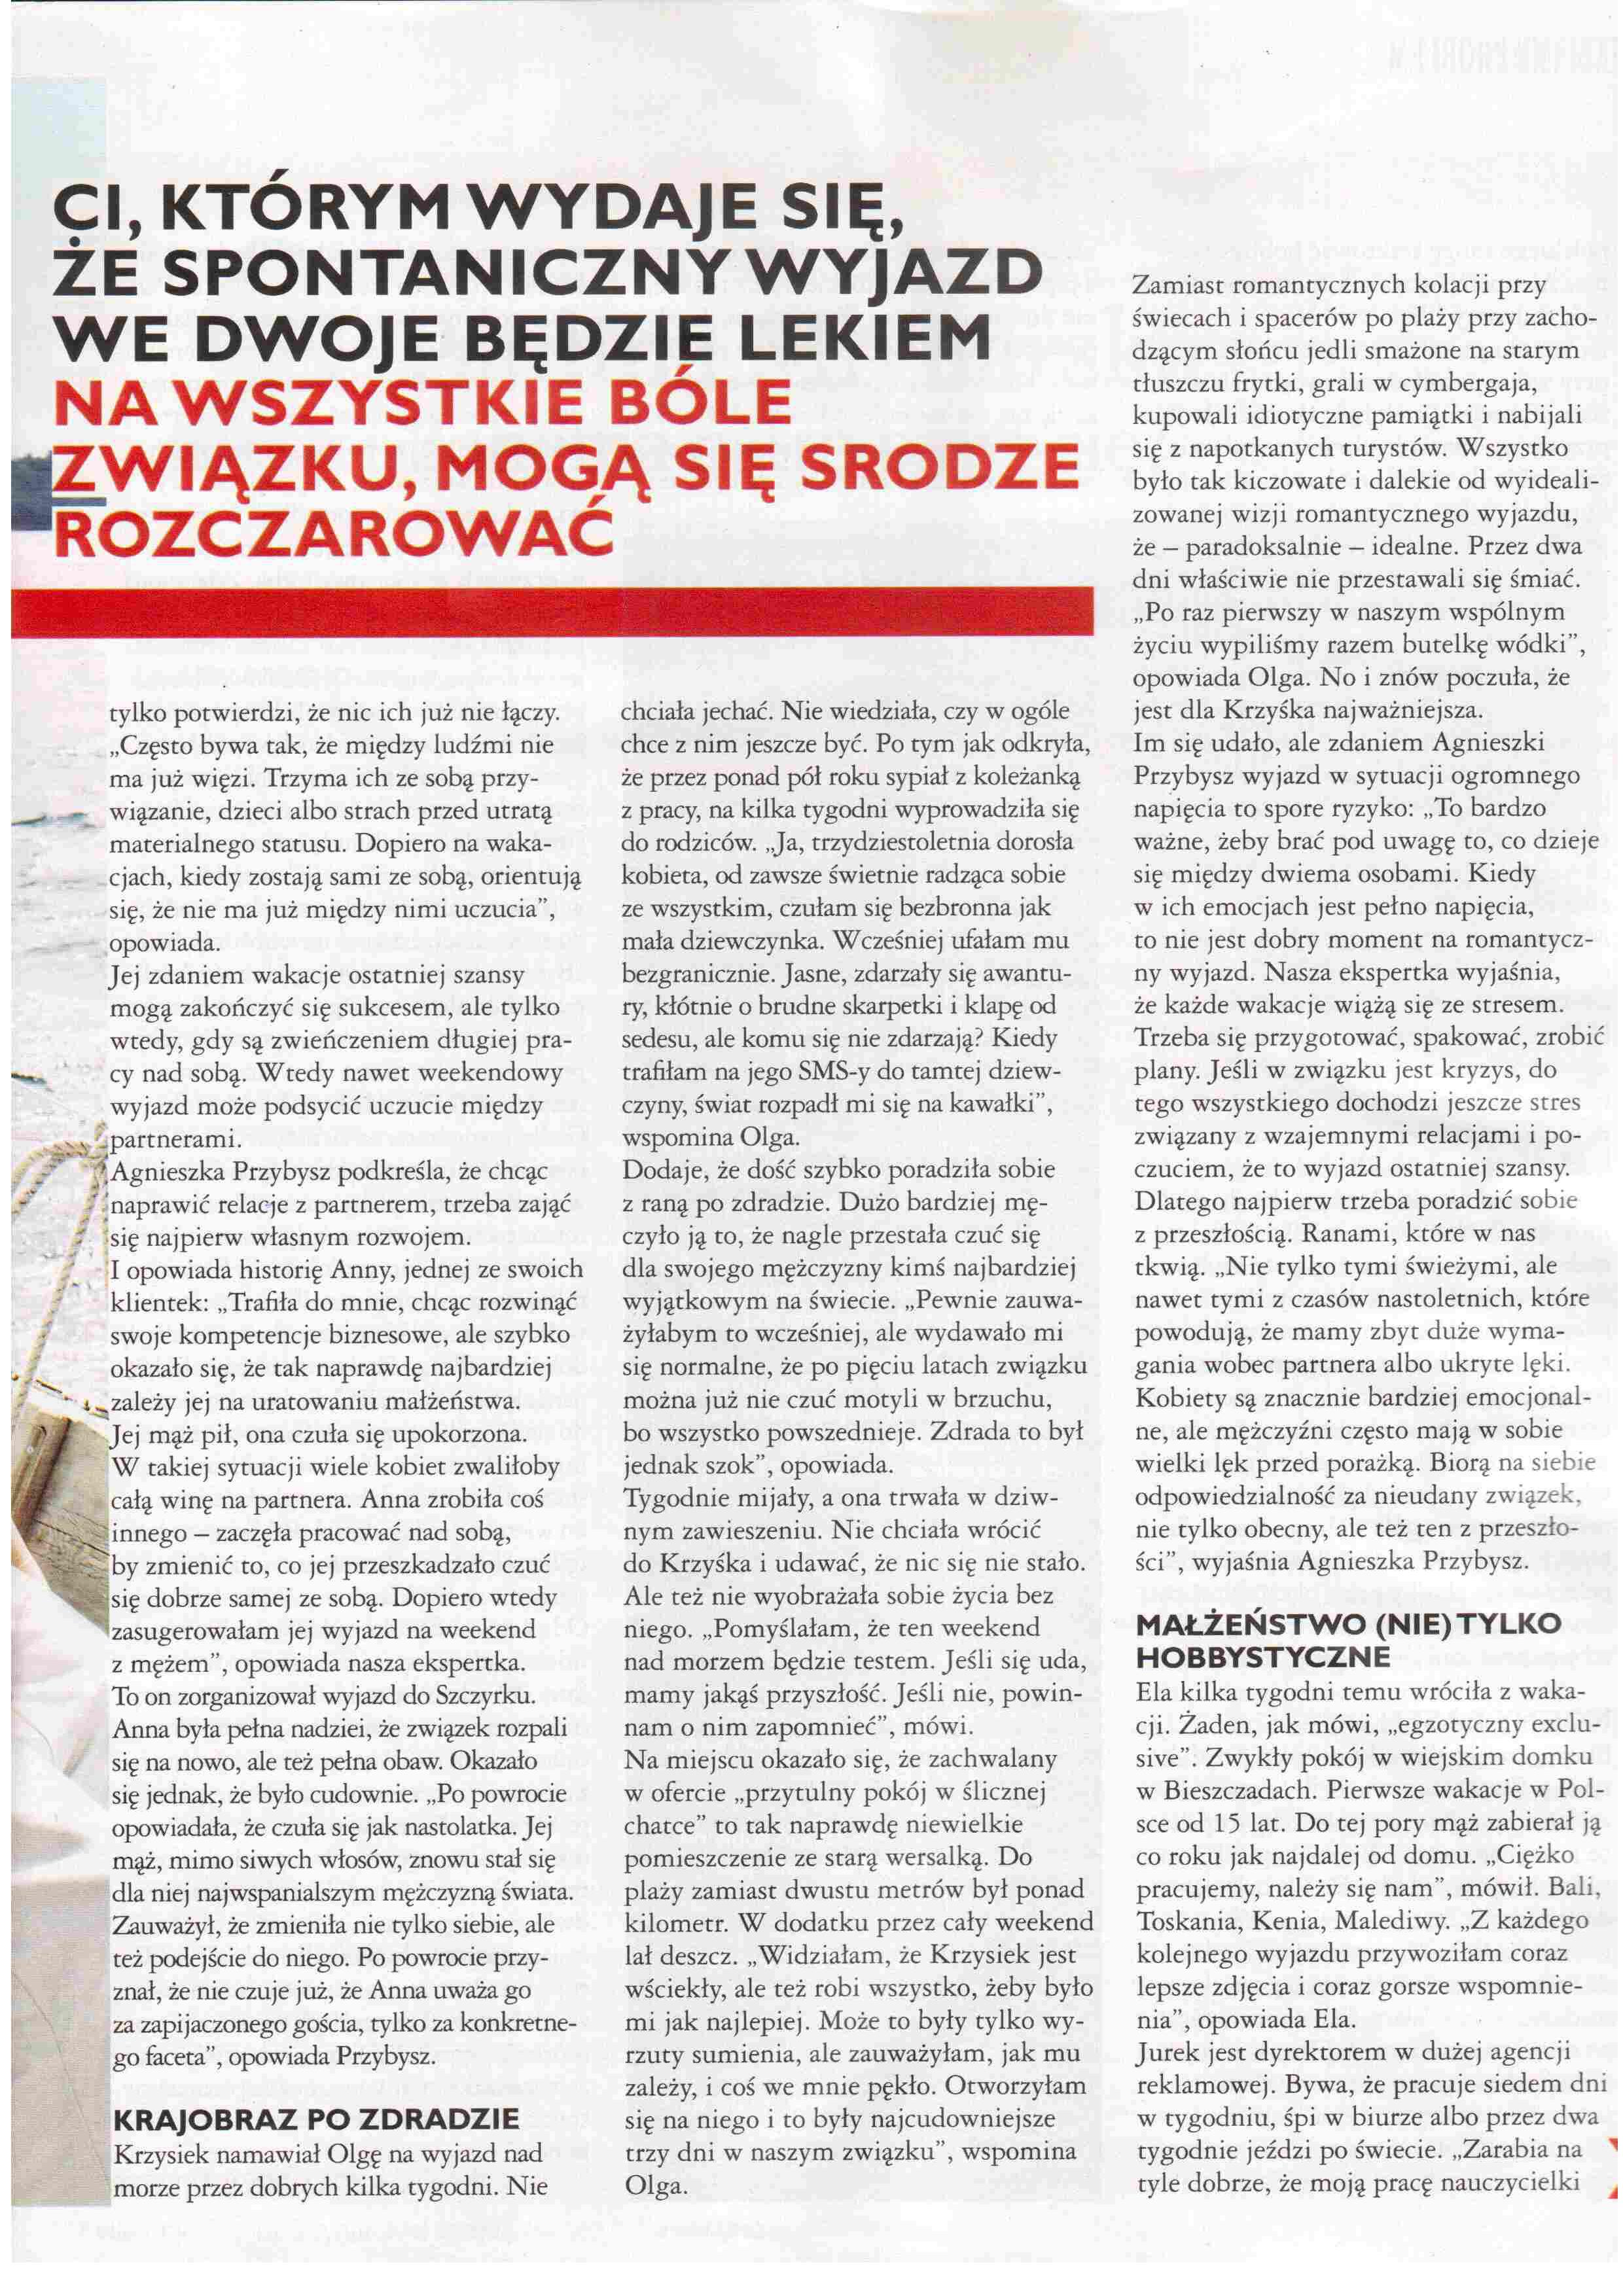 Grazia-Agnieszka_Przybysz 2014-08-20Page_2